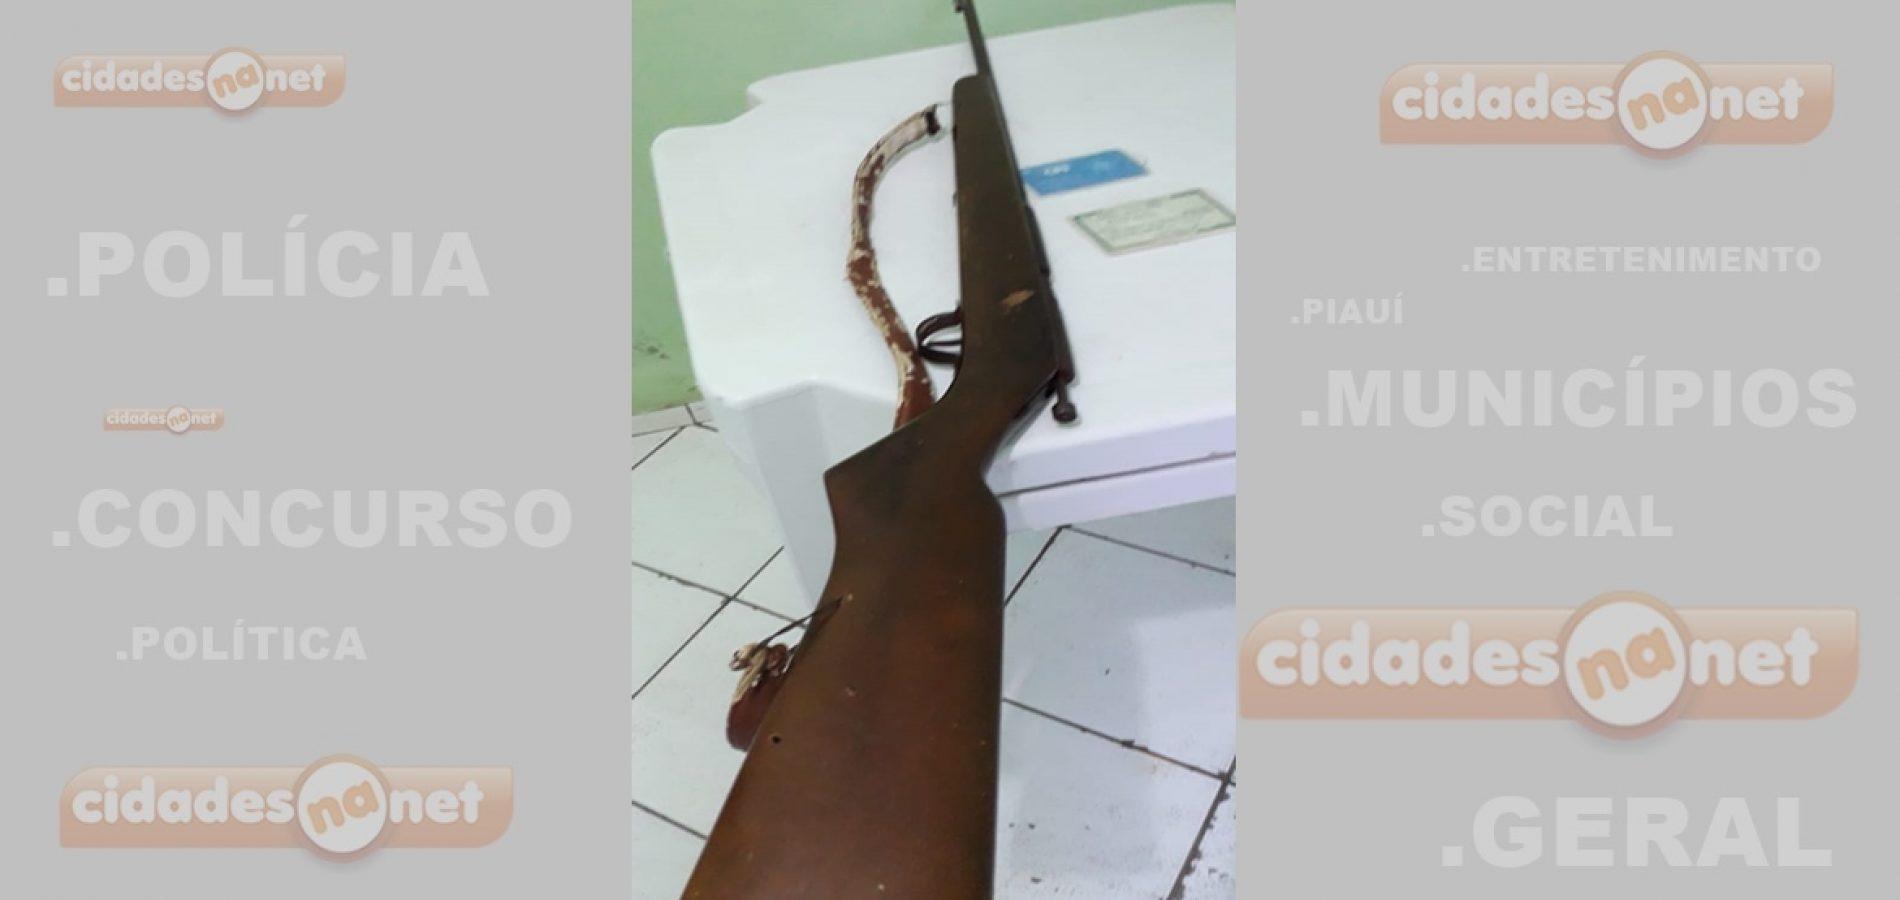 Polícia de Simões prende homem por porte ilegal de arma